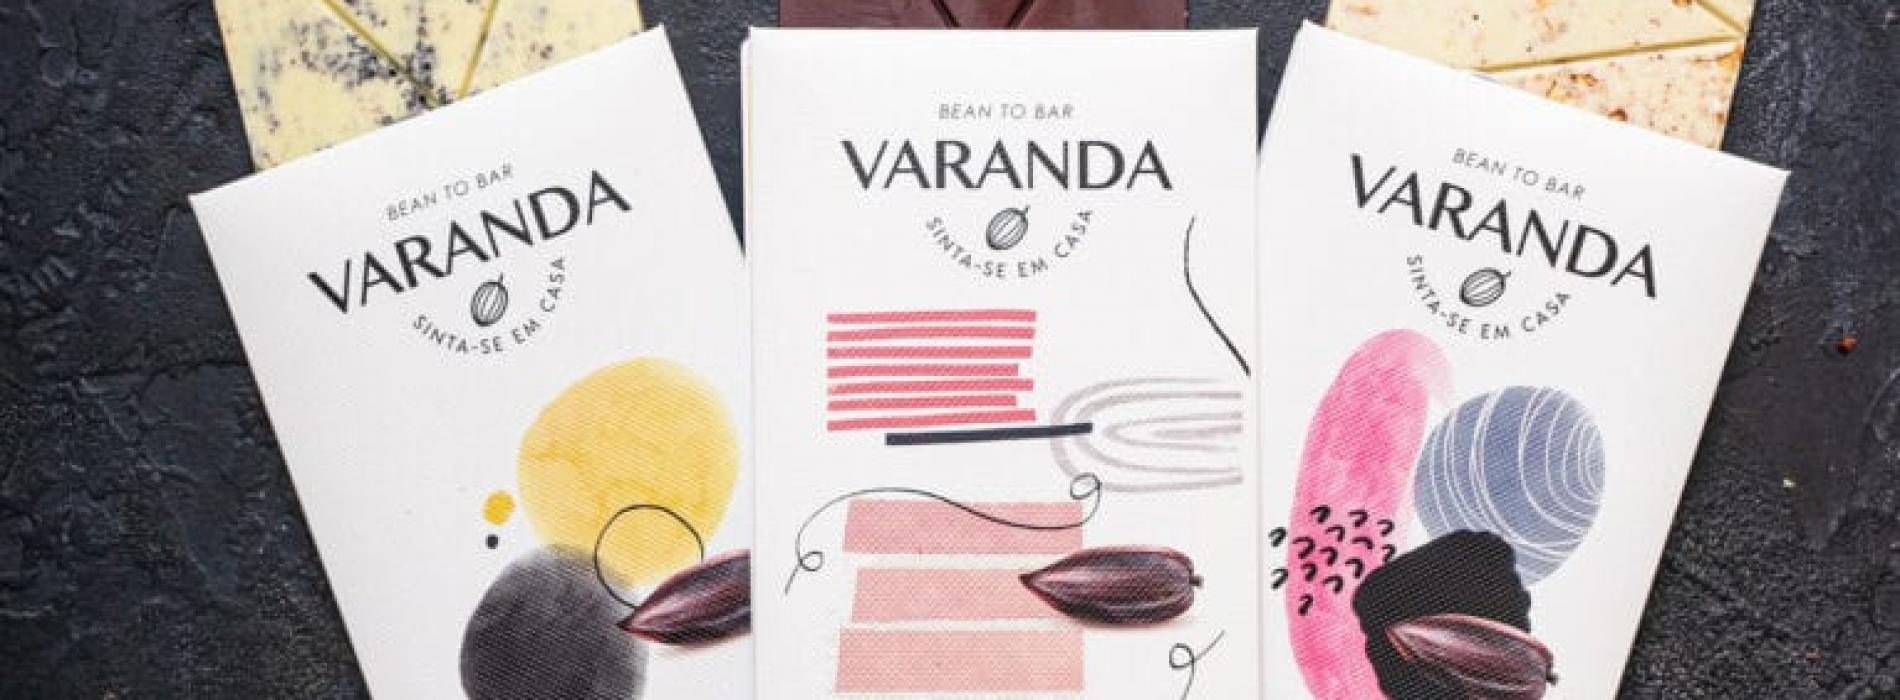 Empório Varanda Lança Marca Própria de Chocolates